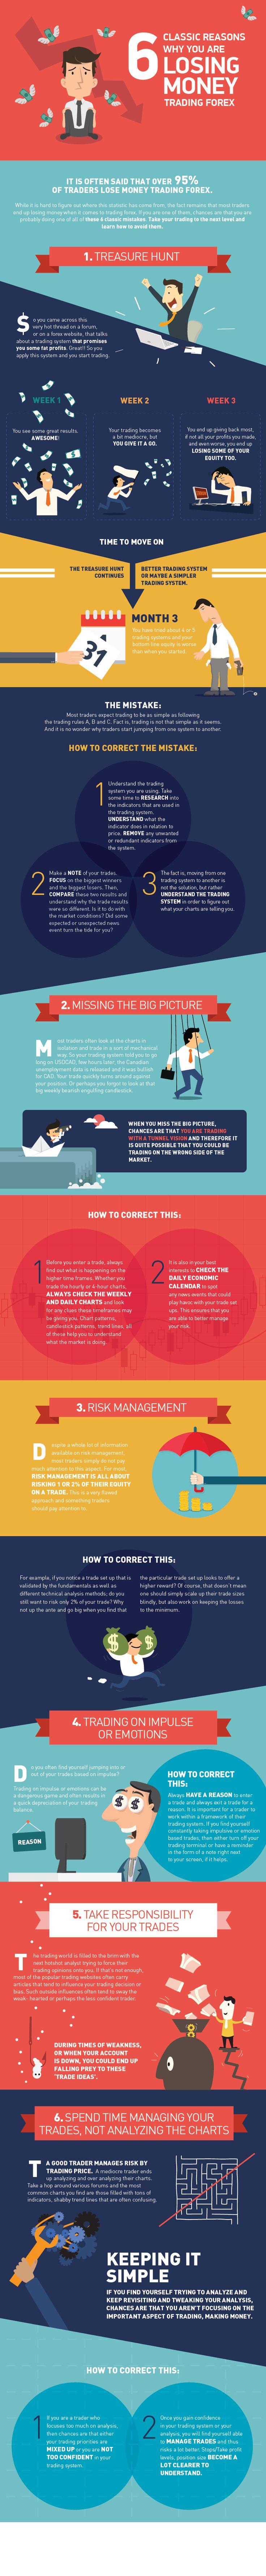 #Infographie : 6 Raisons pour lesquelles vous perdez de l'argent sur le #Forex